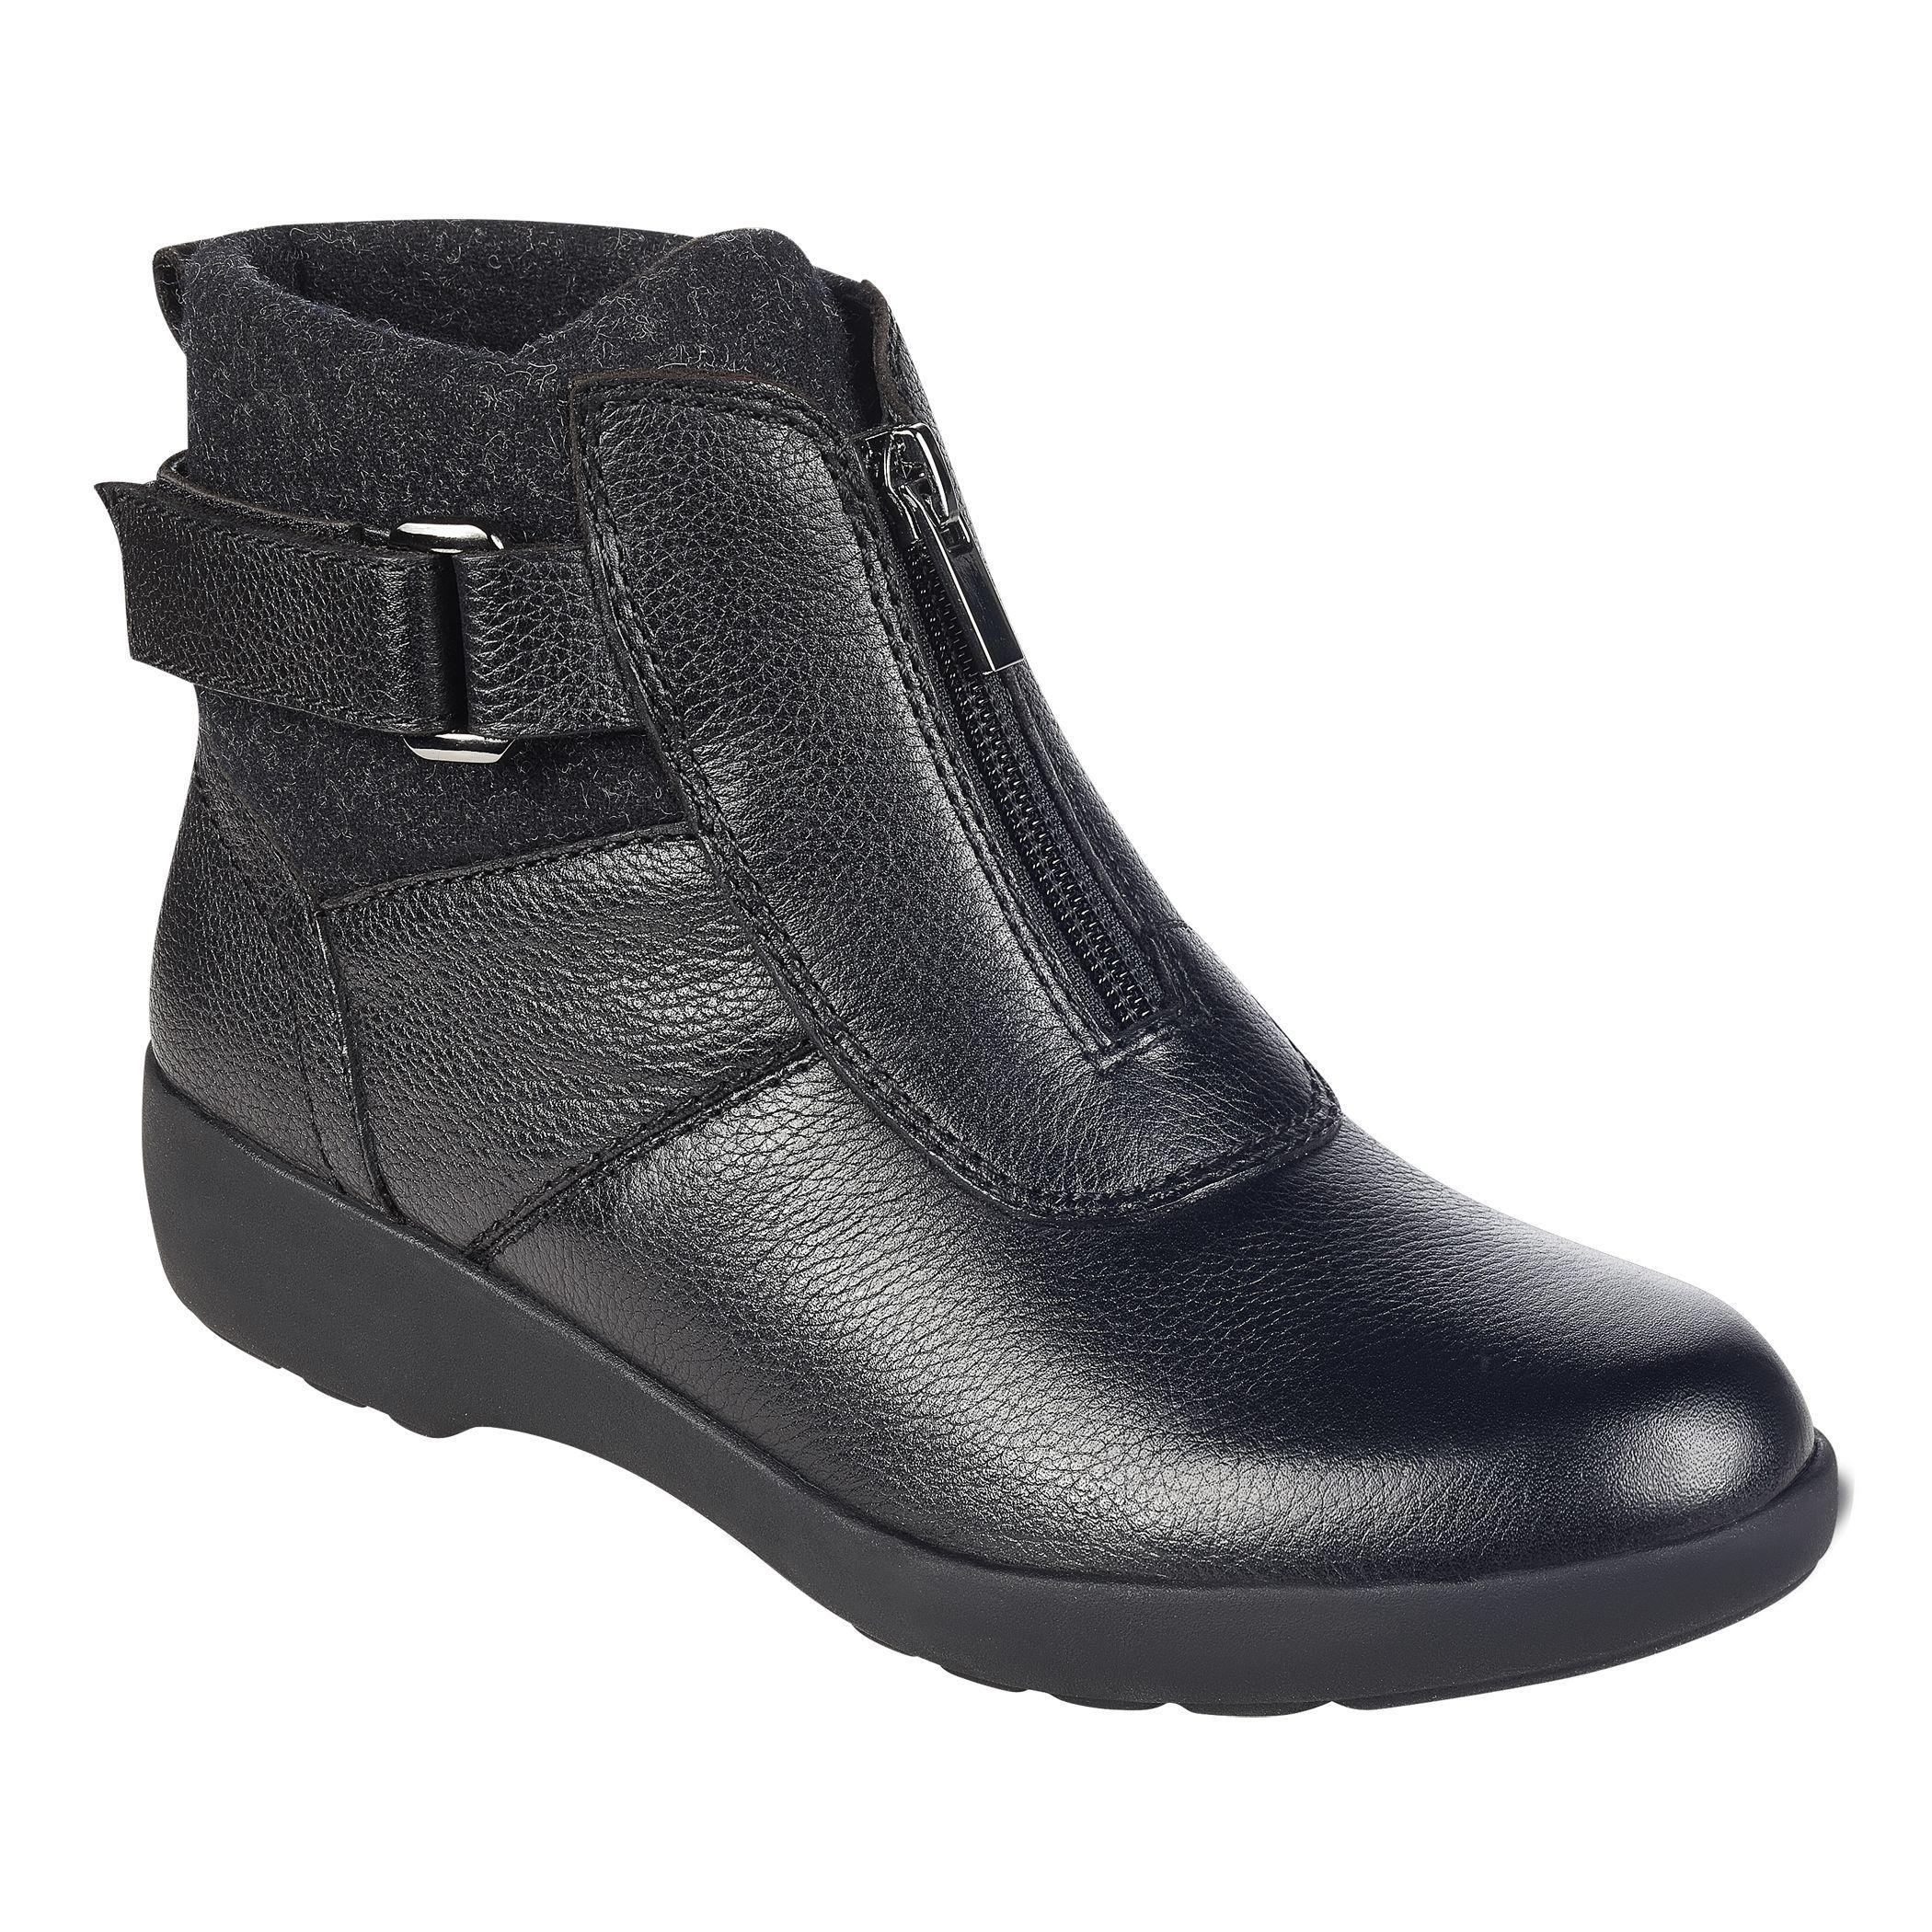 627efd47bd883 Easy Spirit Black Kaymeen Leather Ankle Booties. View fullscreen